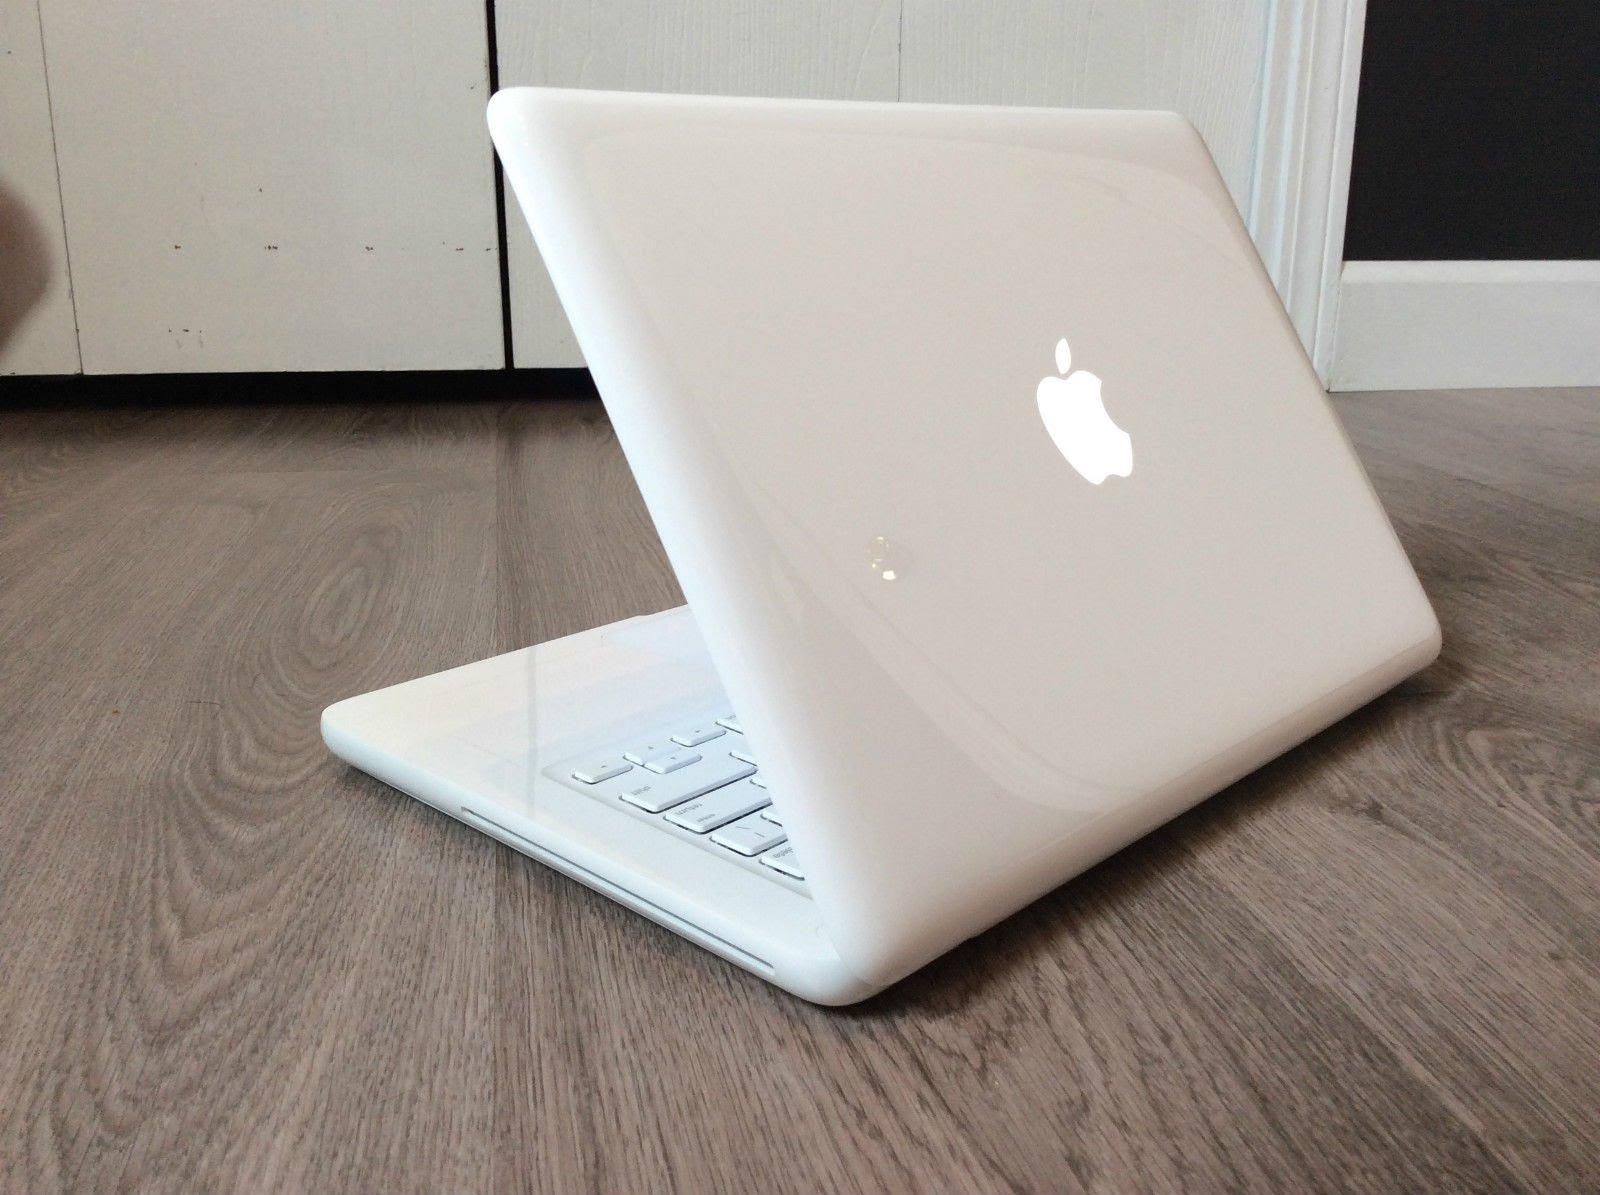 Белый пластиковый MacBook официально устарел